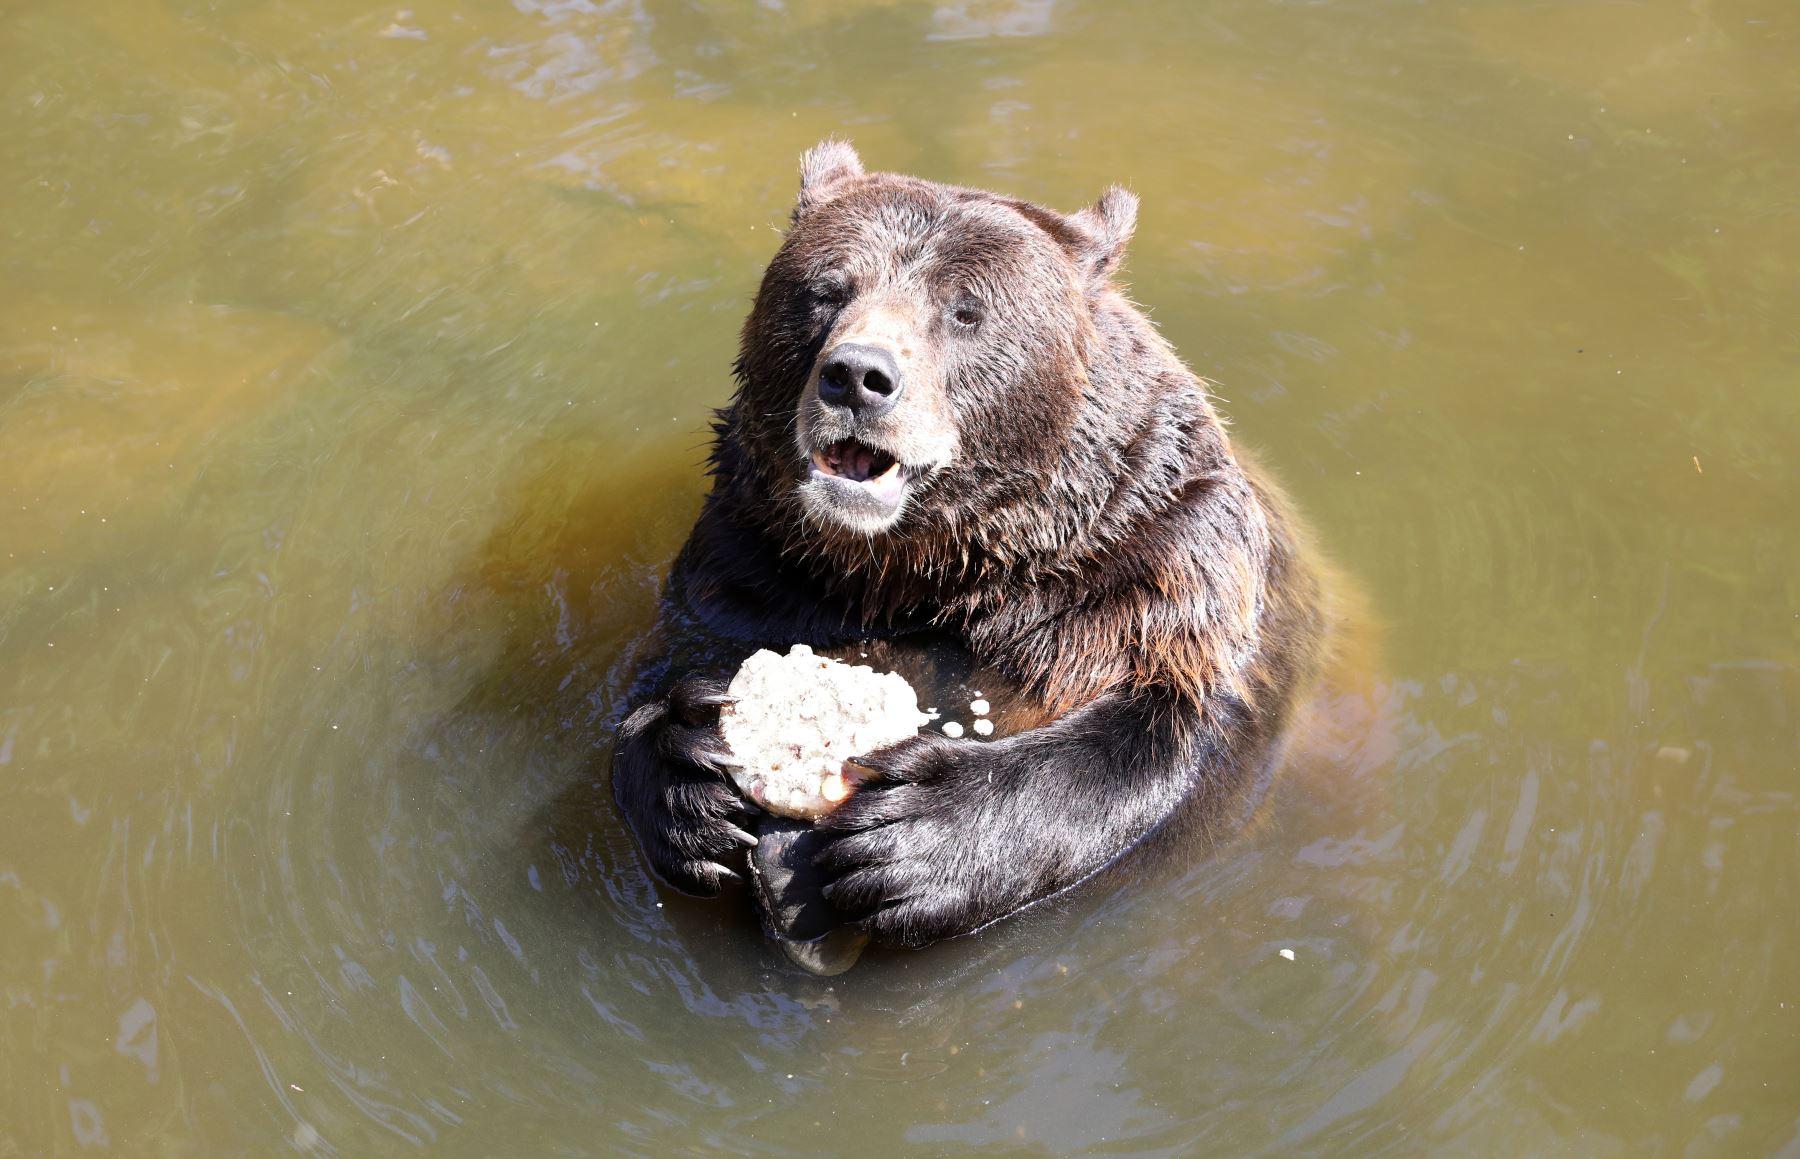 El oso pardo Fred disfruta de una torta de hielo mientras toma un baño en el parque de vida silvestre en Guestrow, en el noreste de Alemania. AFP